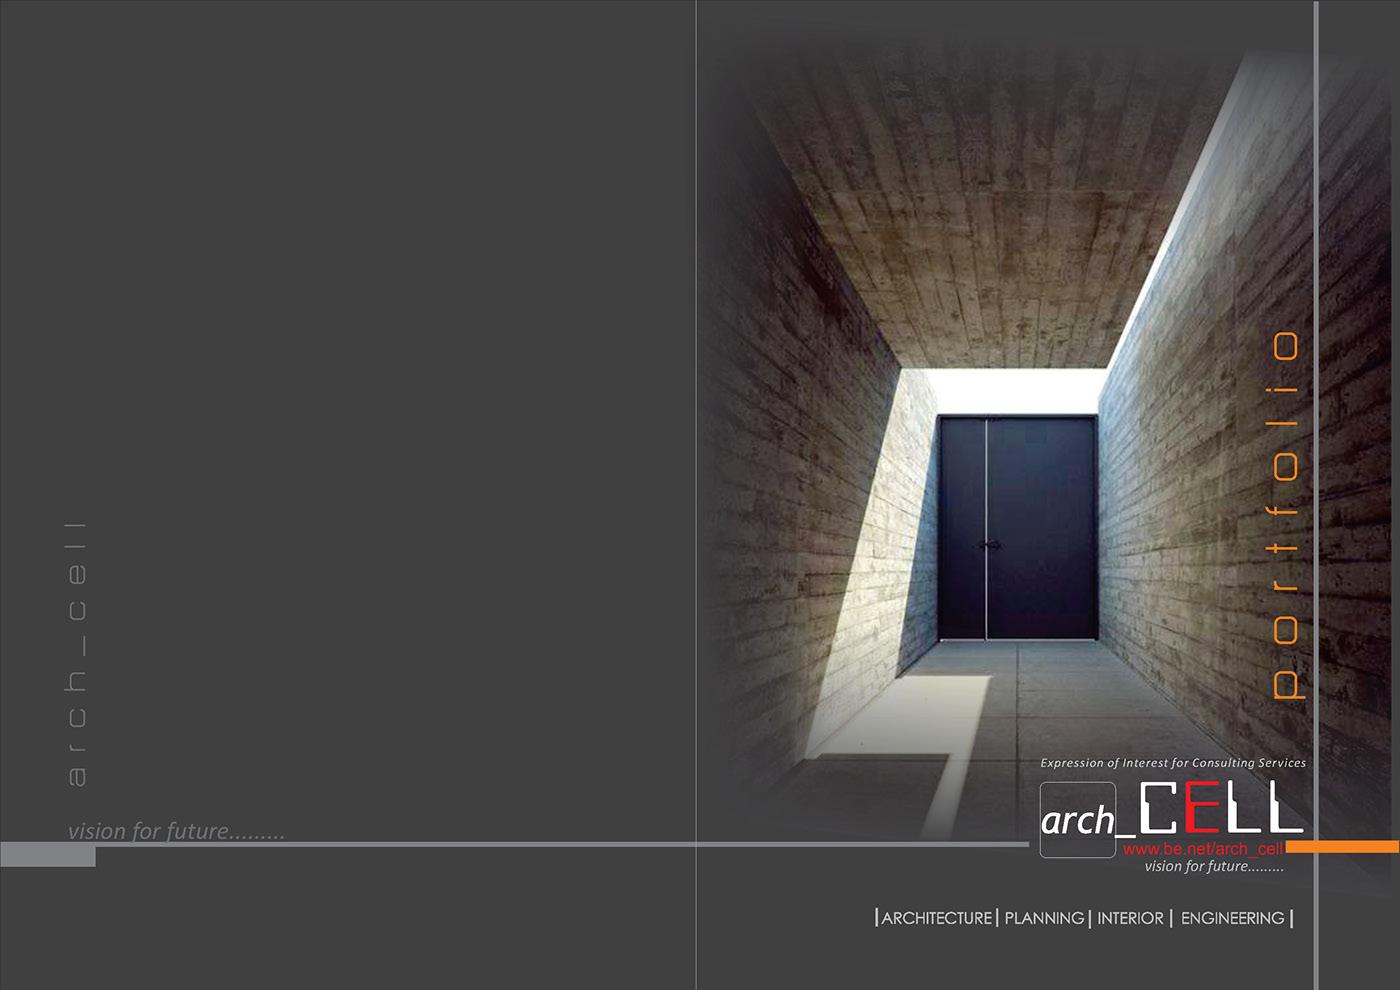 精緻的30款建築系作品集欣賞